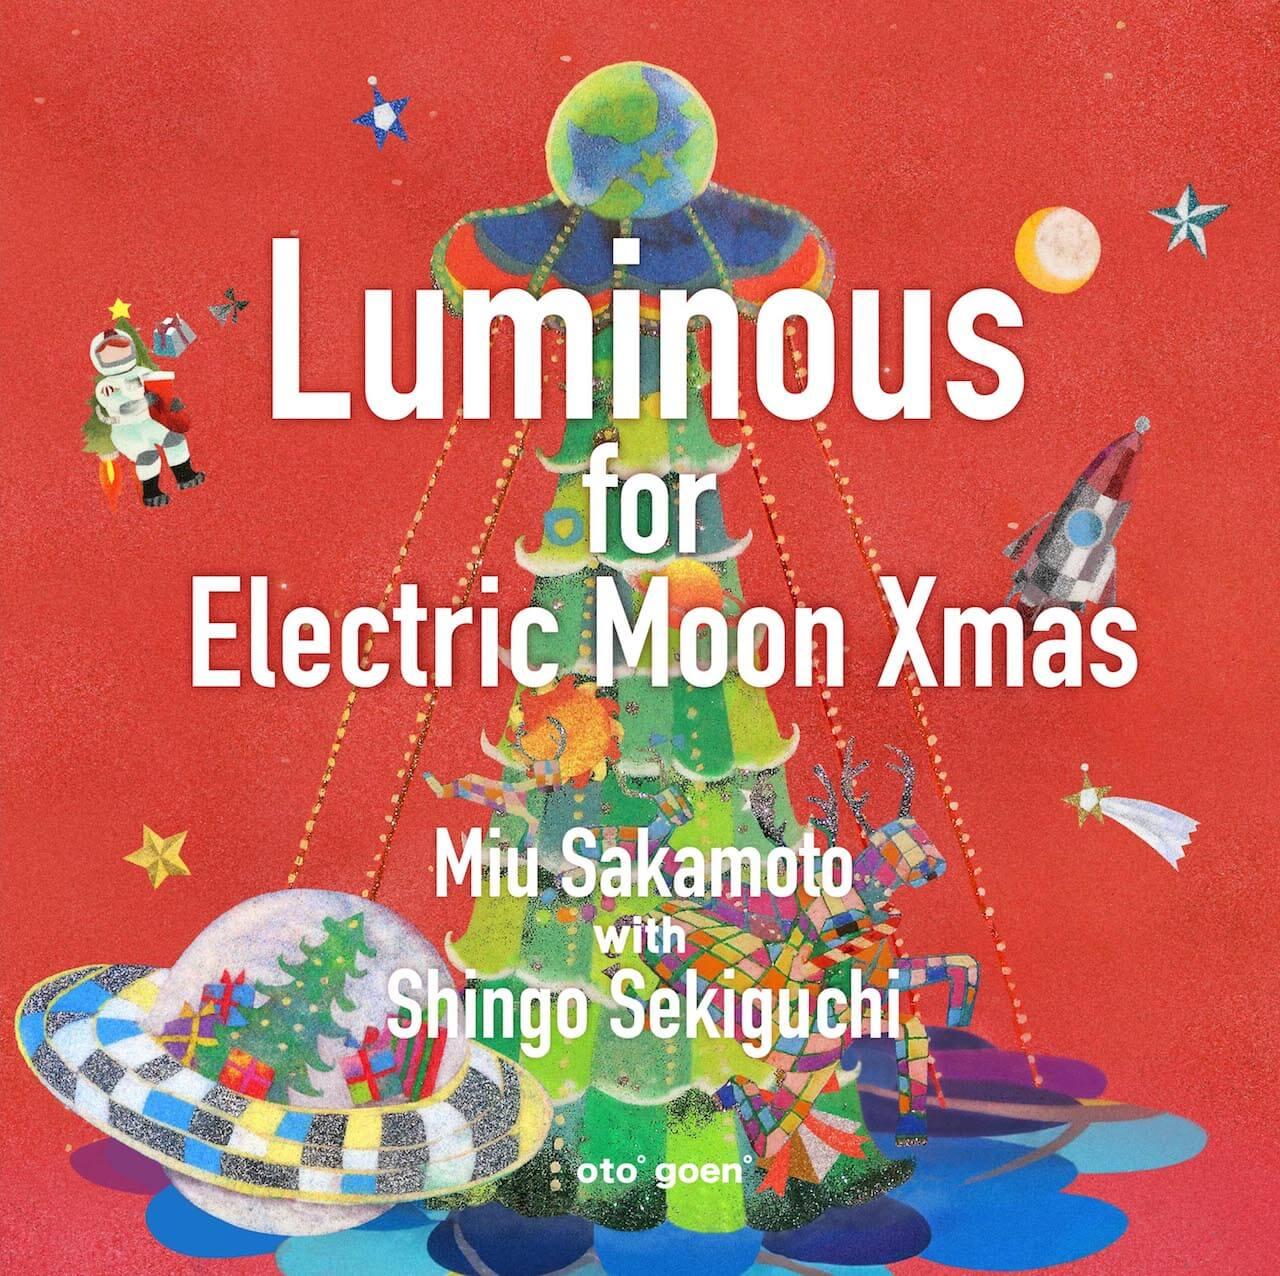 坂本美雨 with 関口シンゴによる珠玉のクリスマスソングがデジタル・リリース music191212-luminous-for-electric-moon-xmas-1